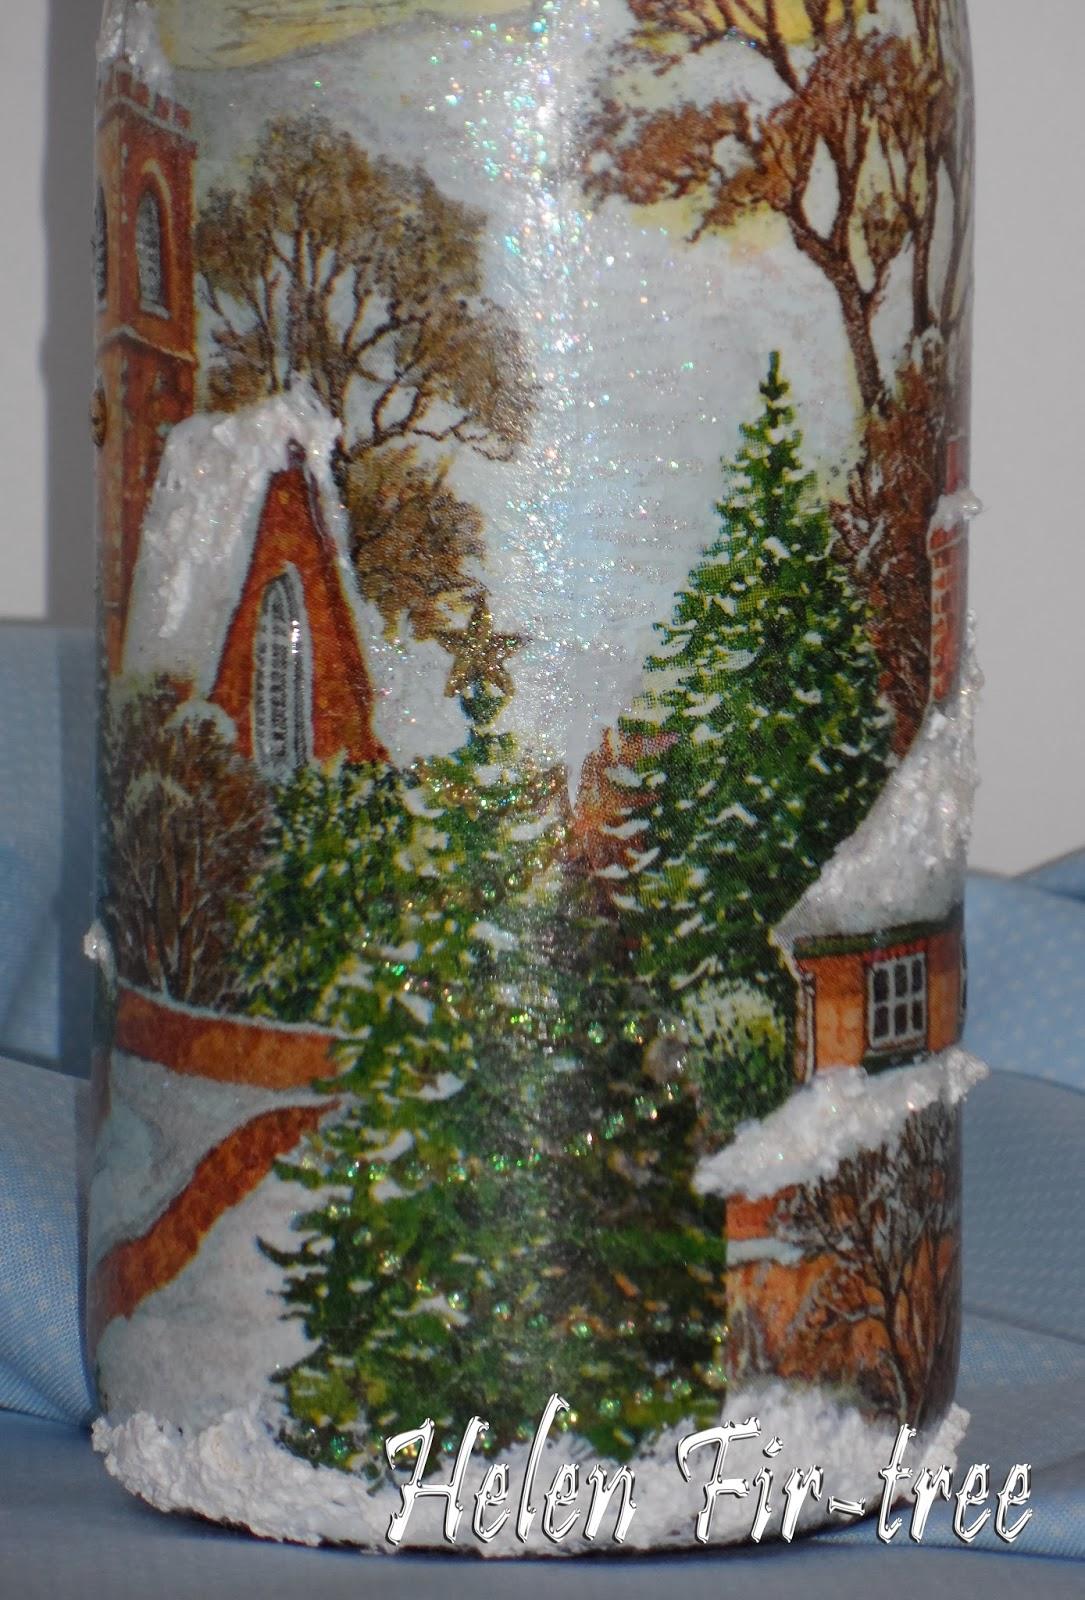 Helen Fir-tree декупаж бутылка Новый год bottle decoupage new Year